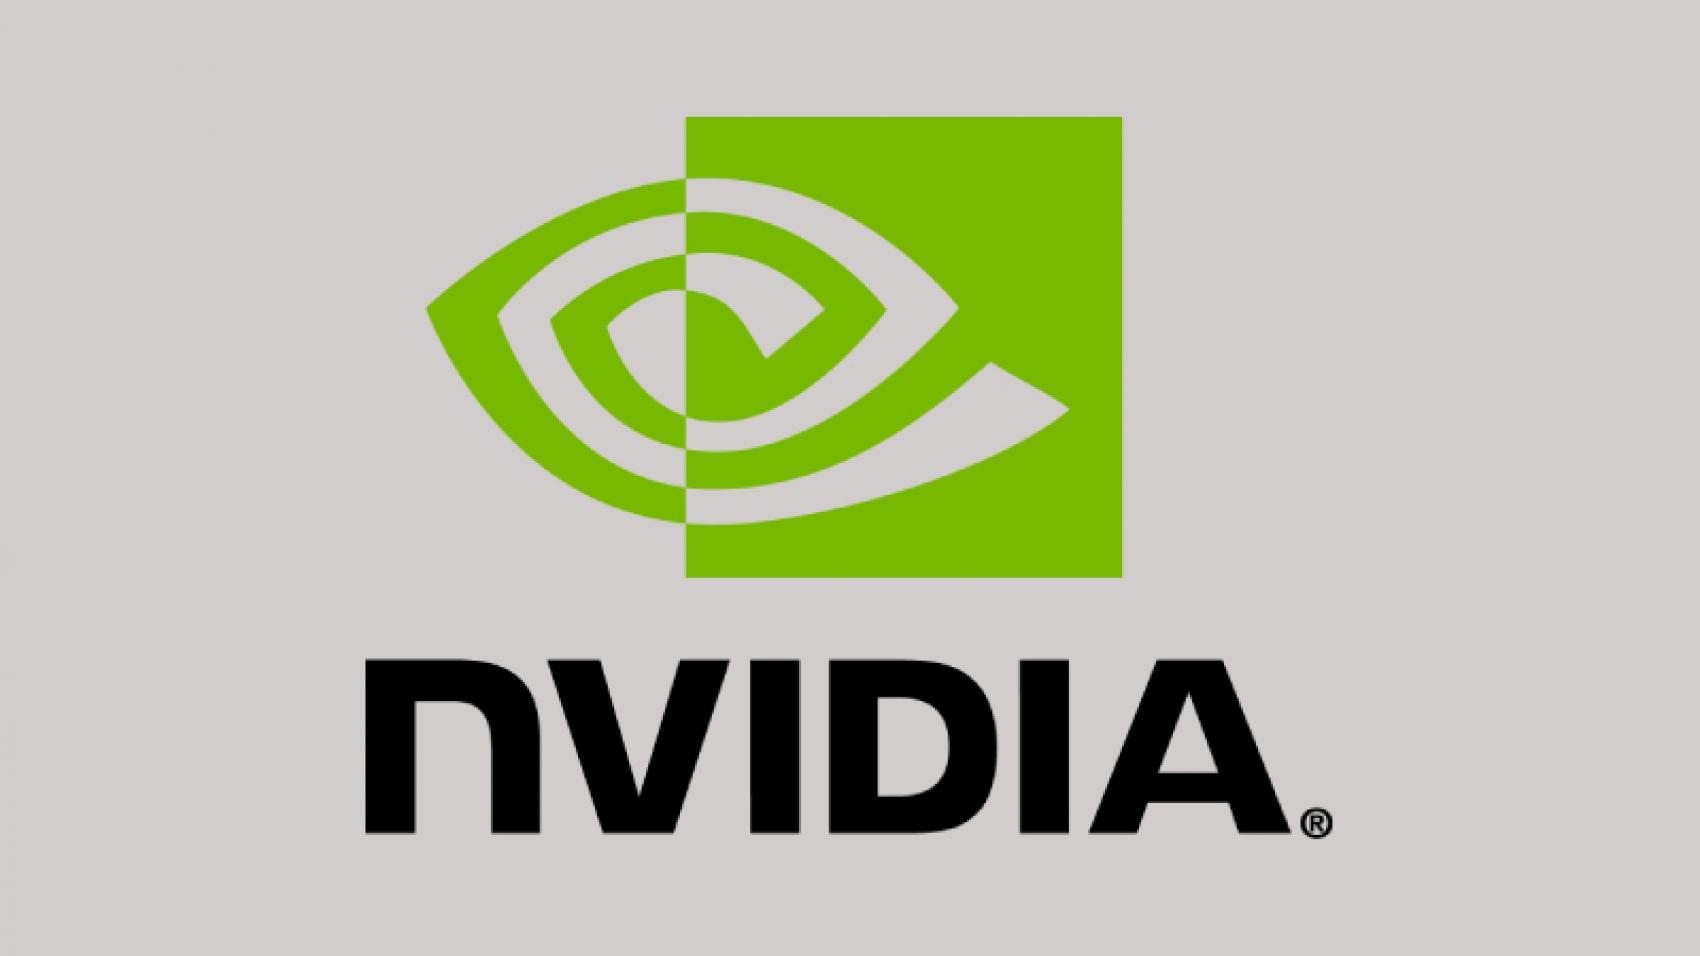 NVIDIA создала правдоподобный синтезатор речи